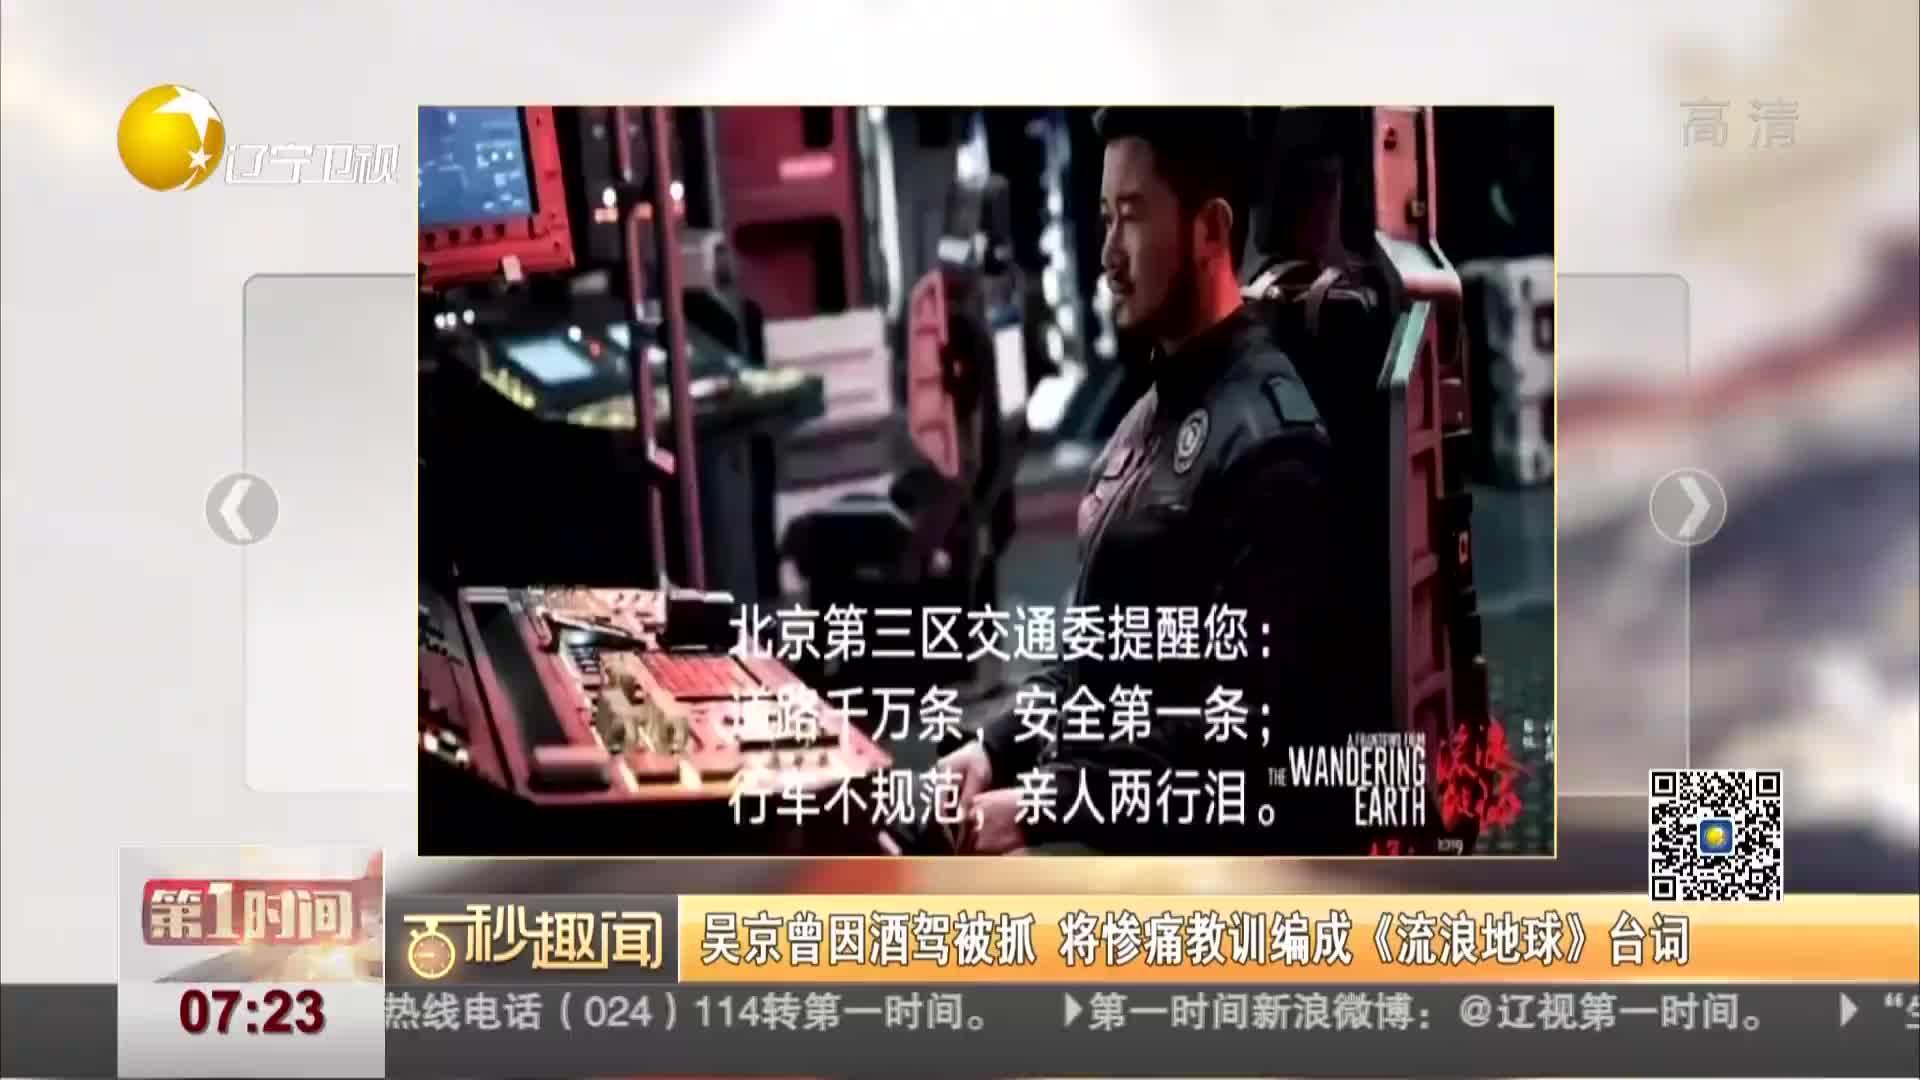 [视频]吴京曾因酒驾被抓 将惨痛教训编成《流浪地球》台词